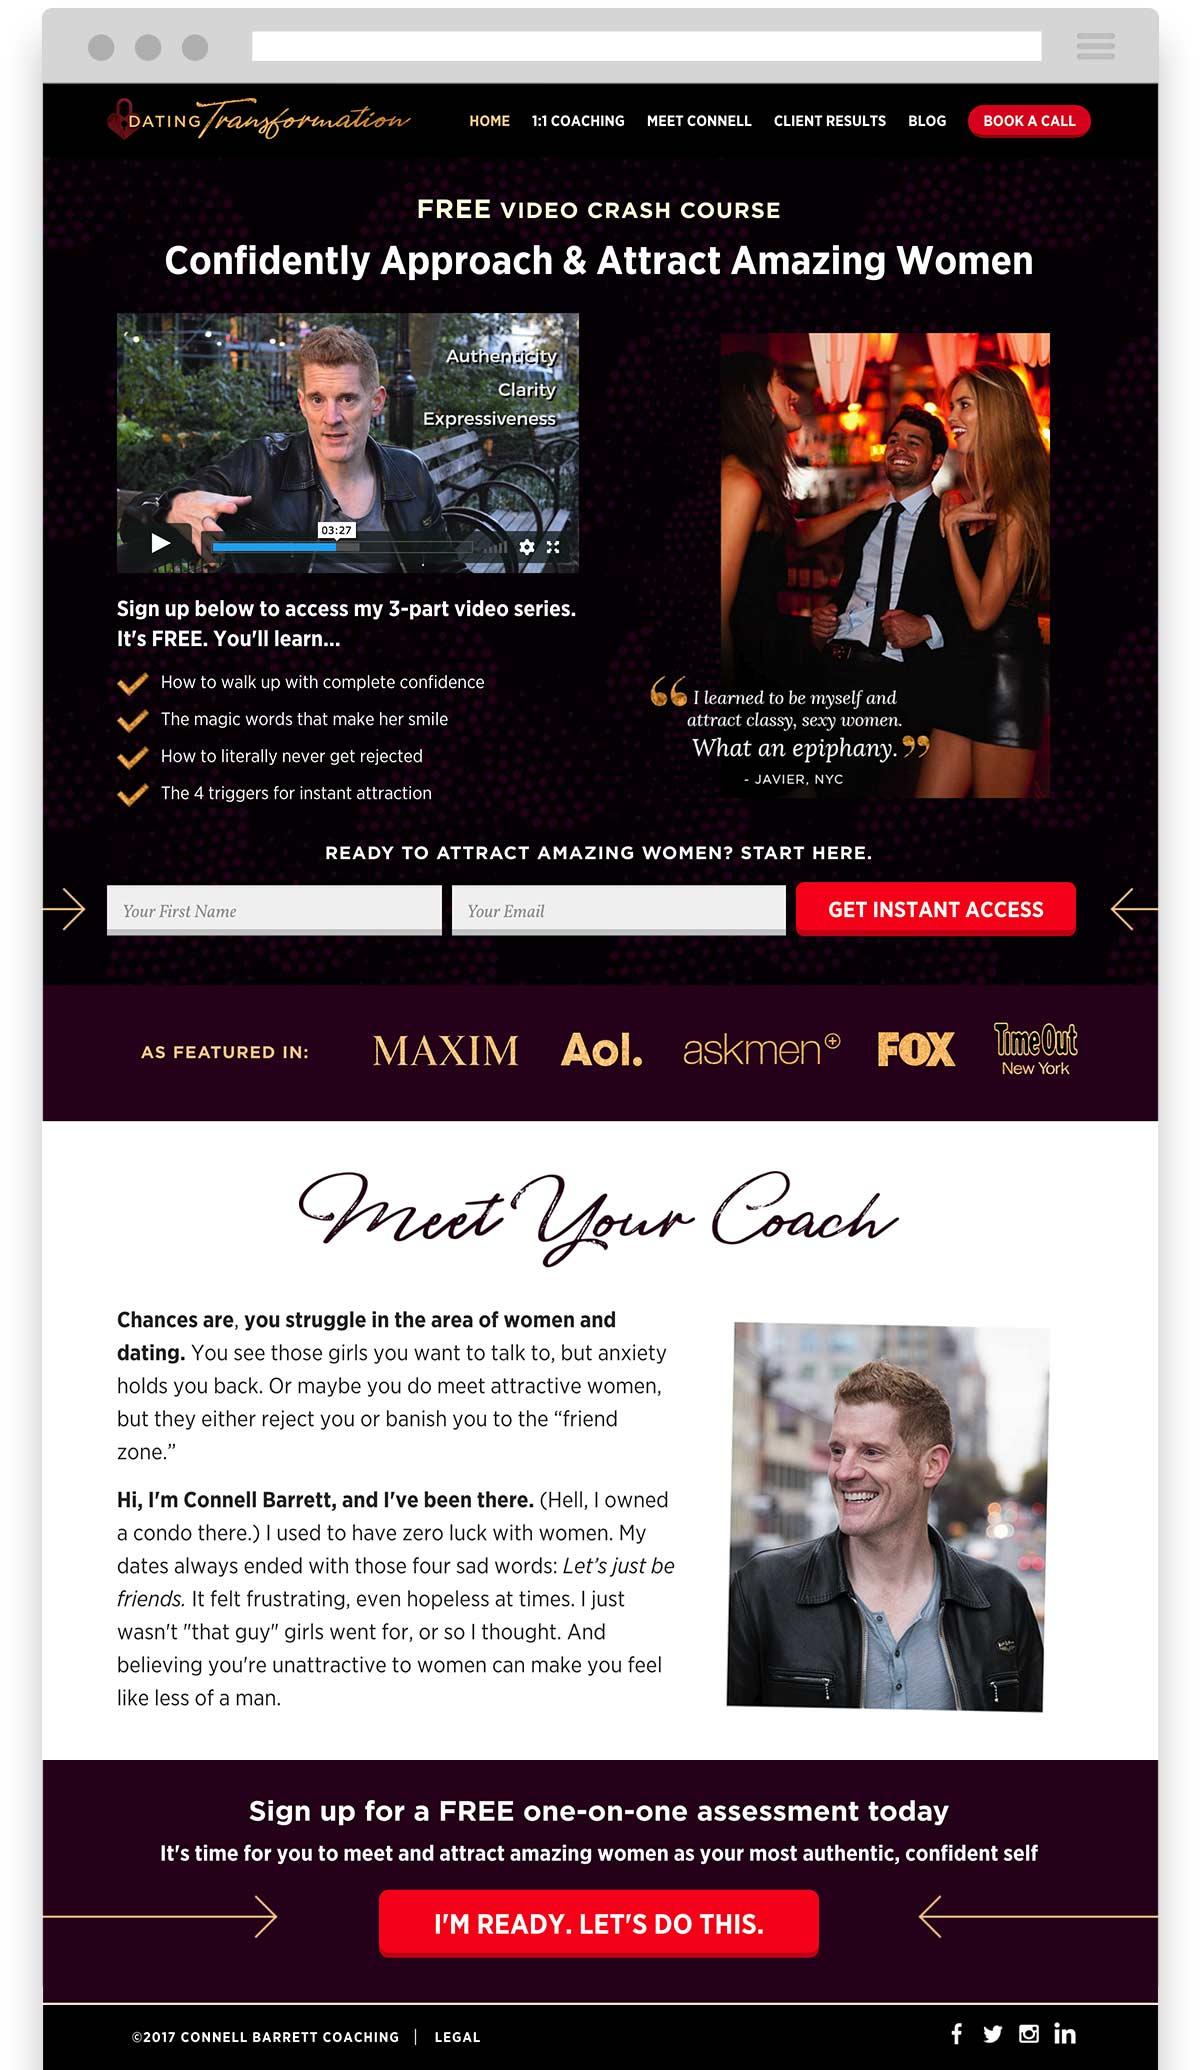 Connell Barrett Dating Transformation website design